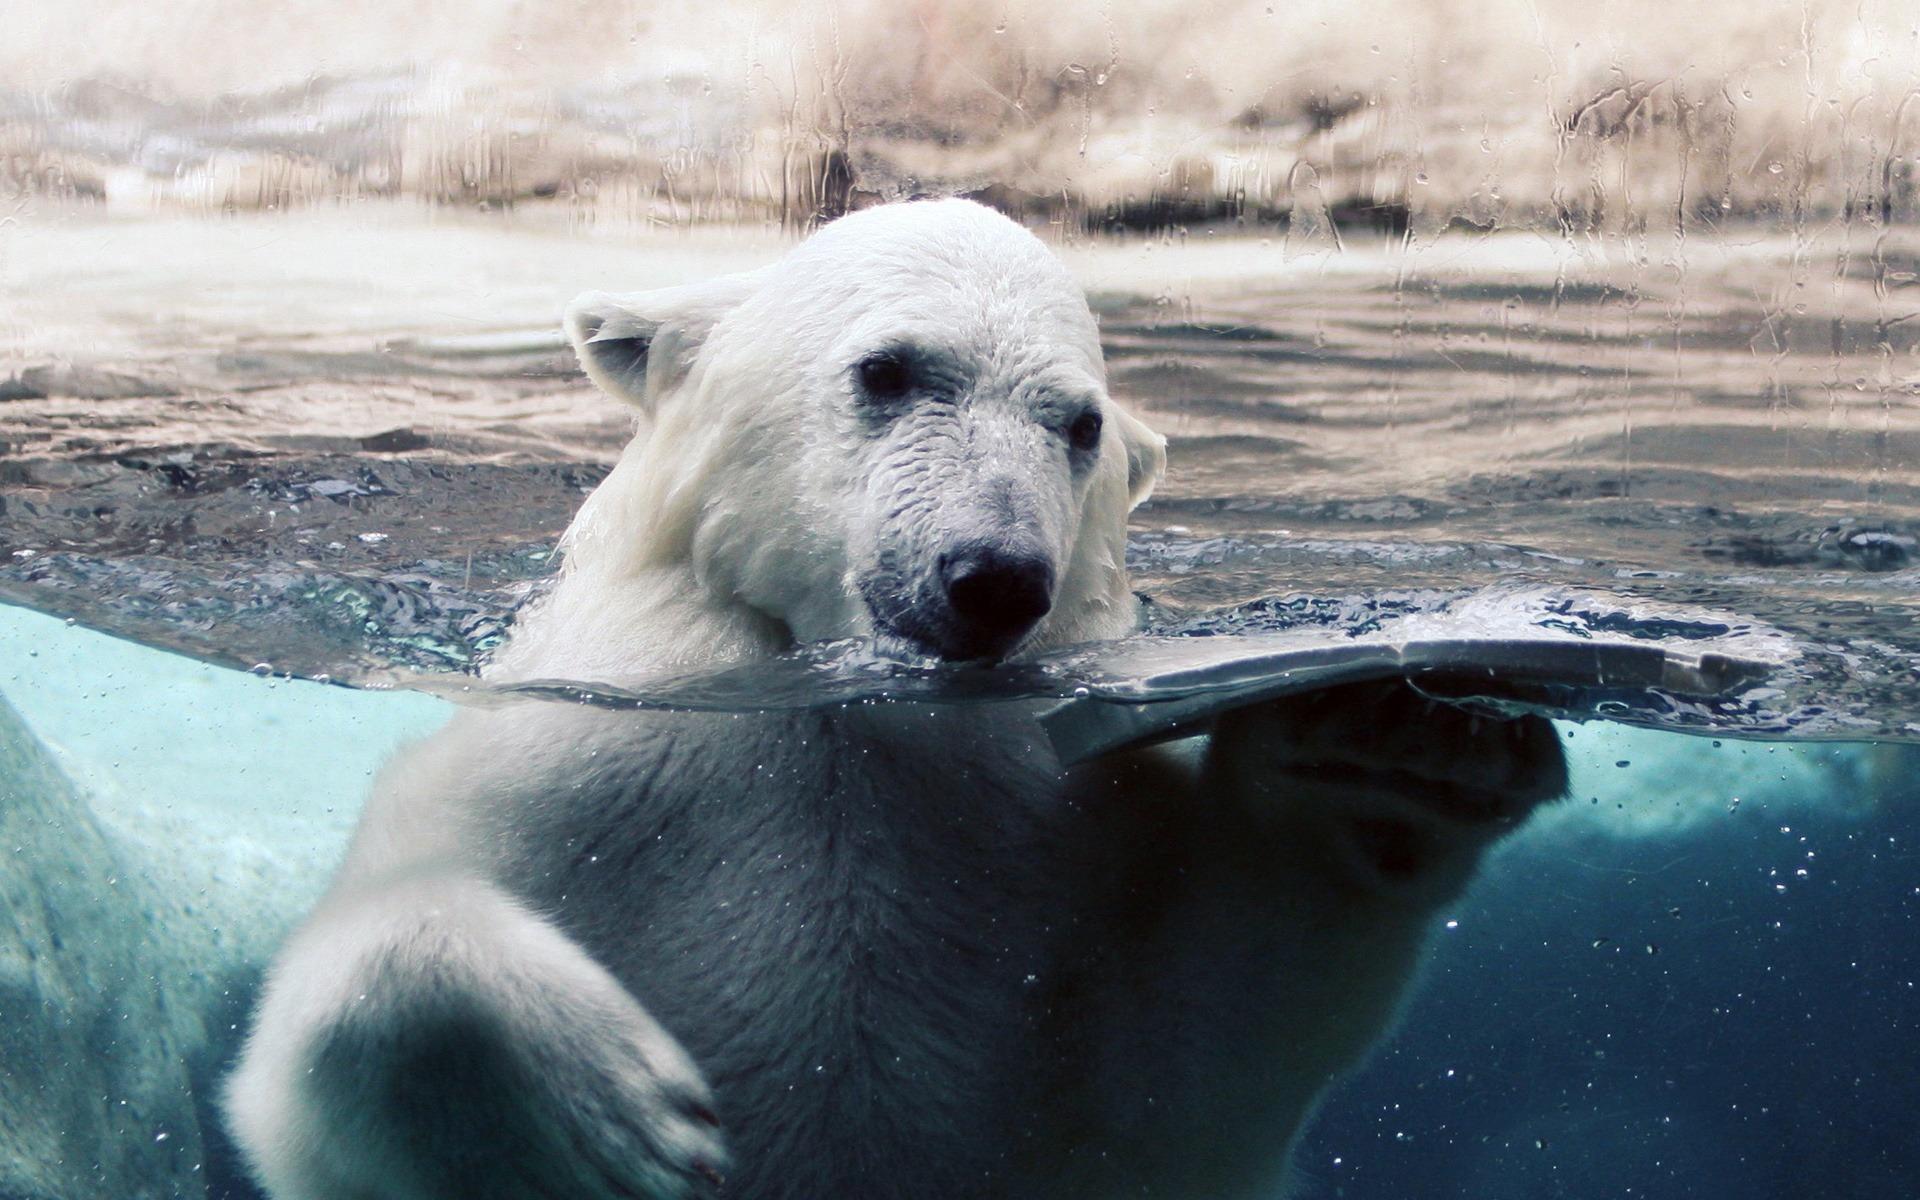 медведь отражающийся на льду фото автор этого берут большую